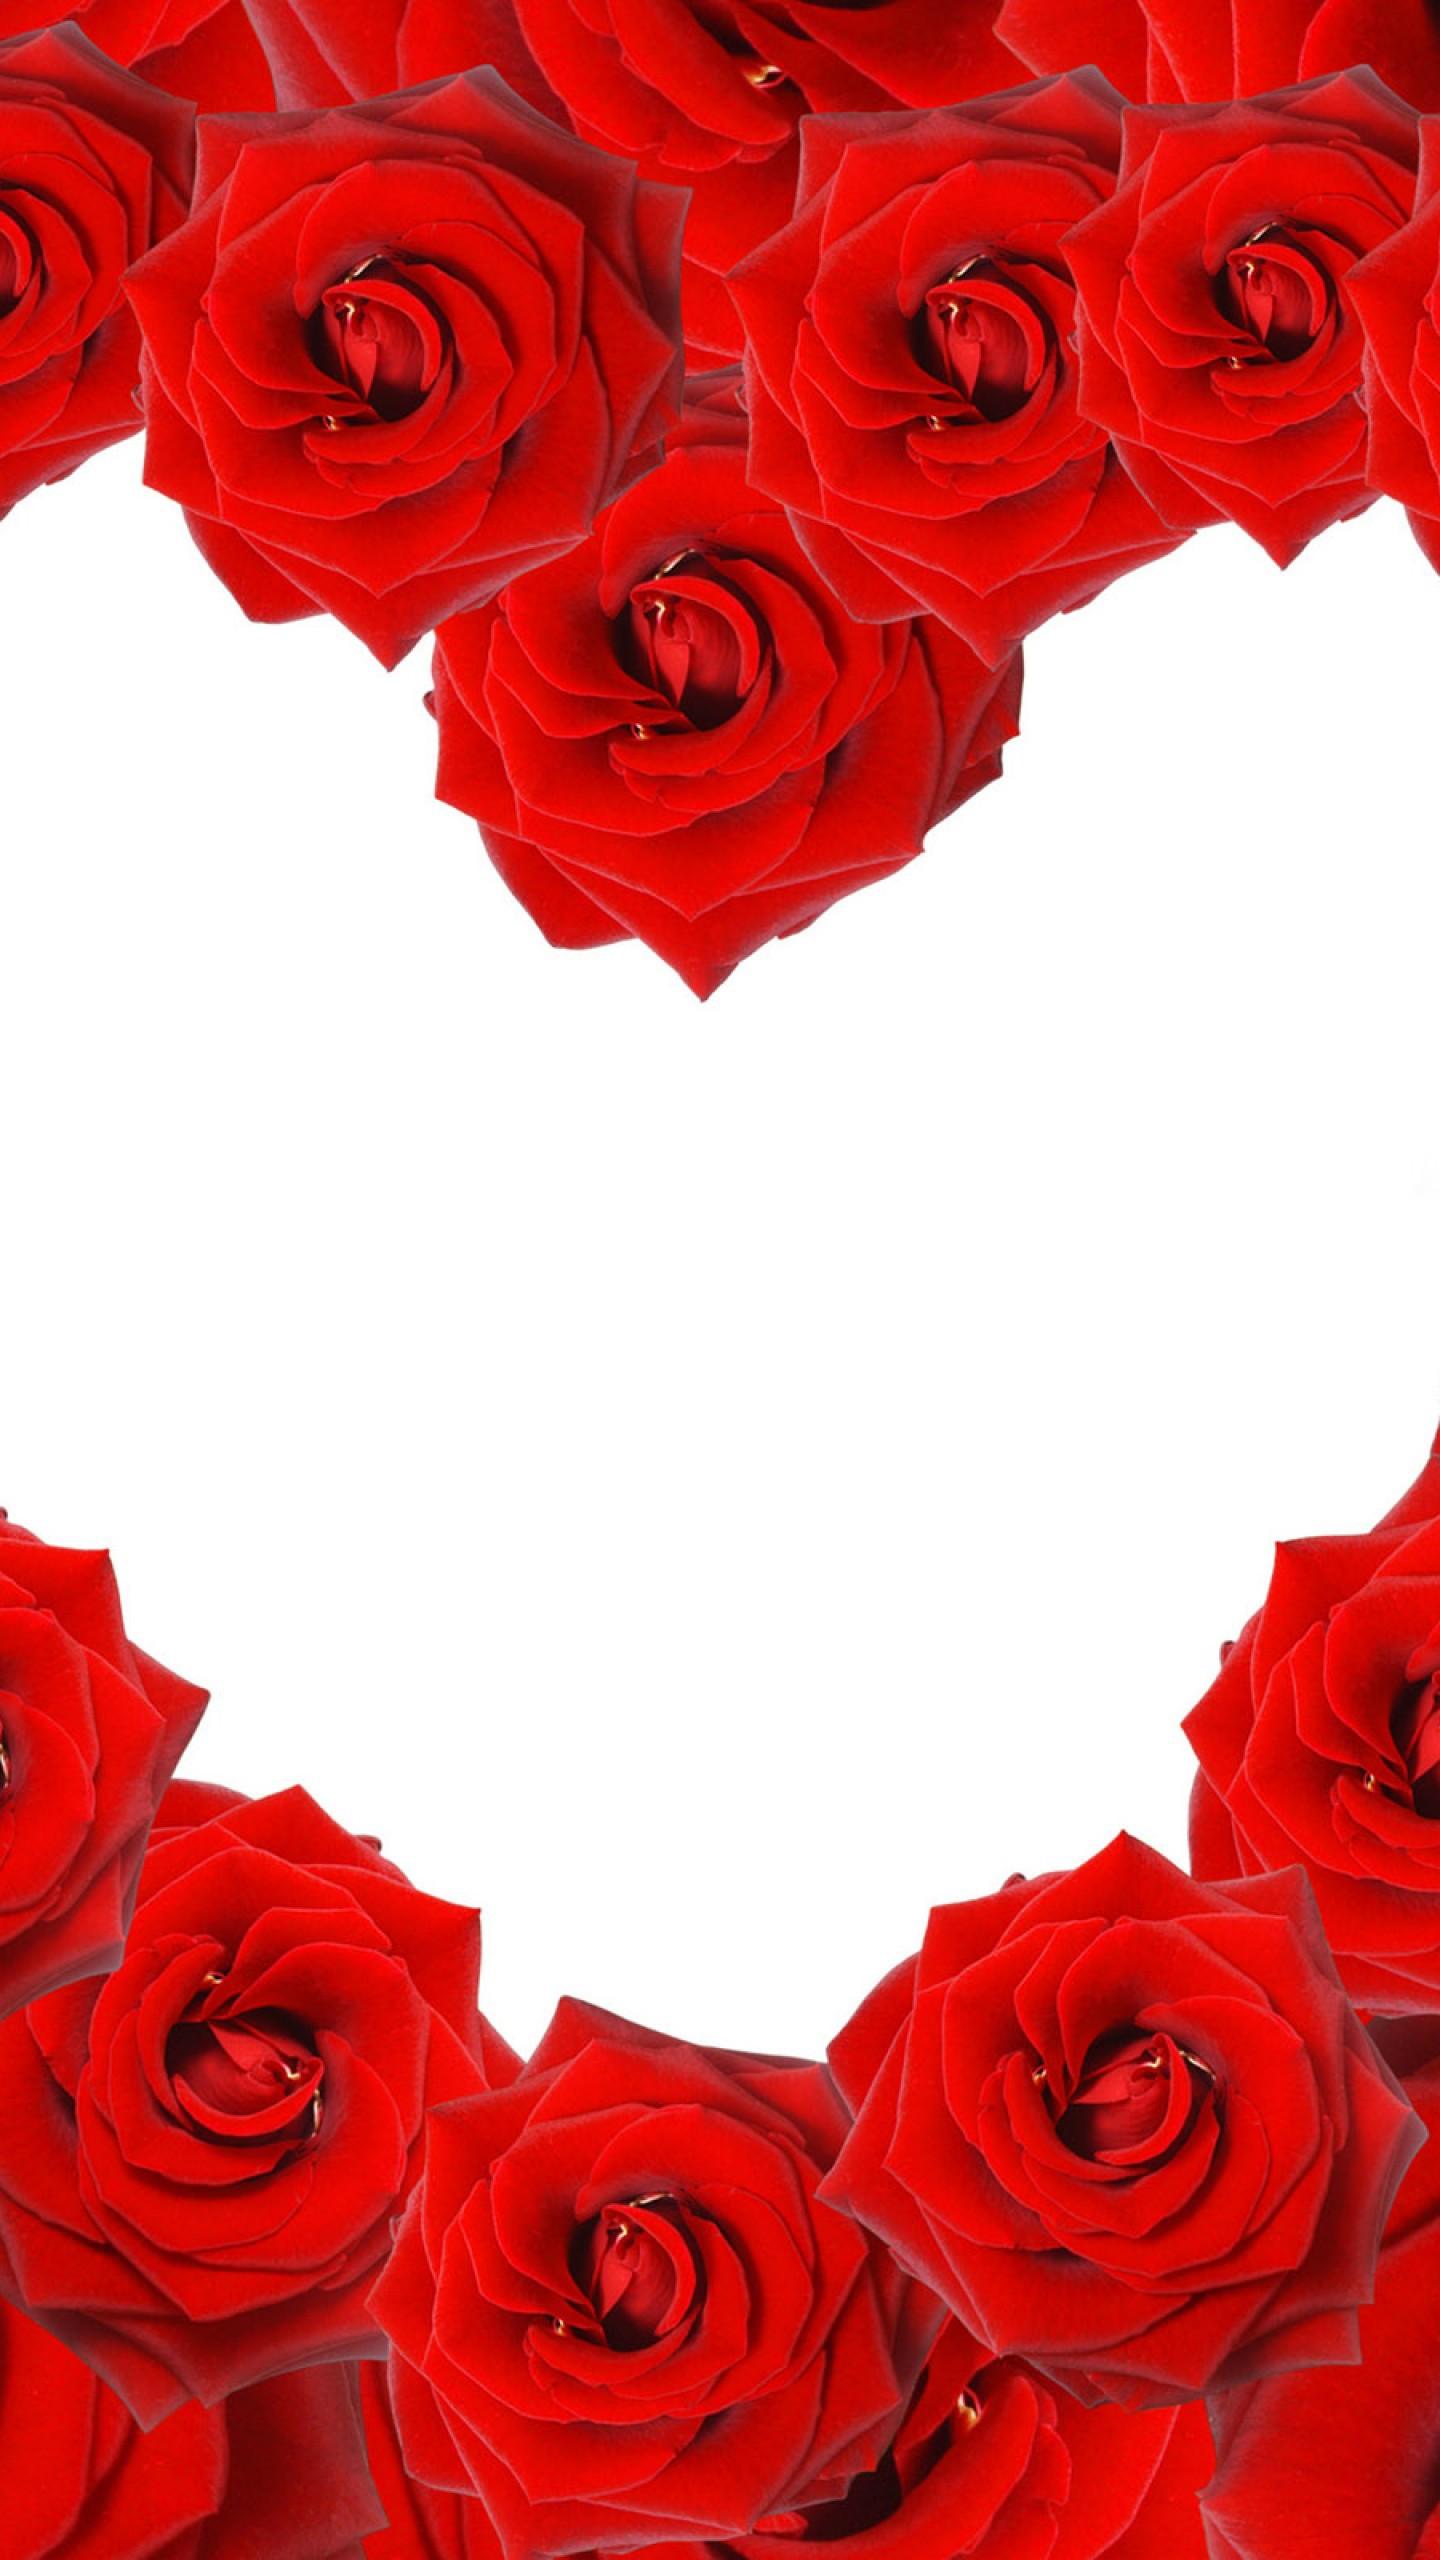 عکس زمینه گل سرخ به شکل قلب پس زمینه